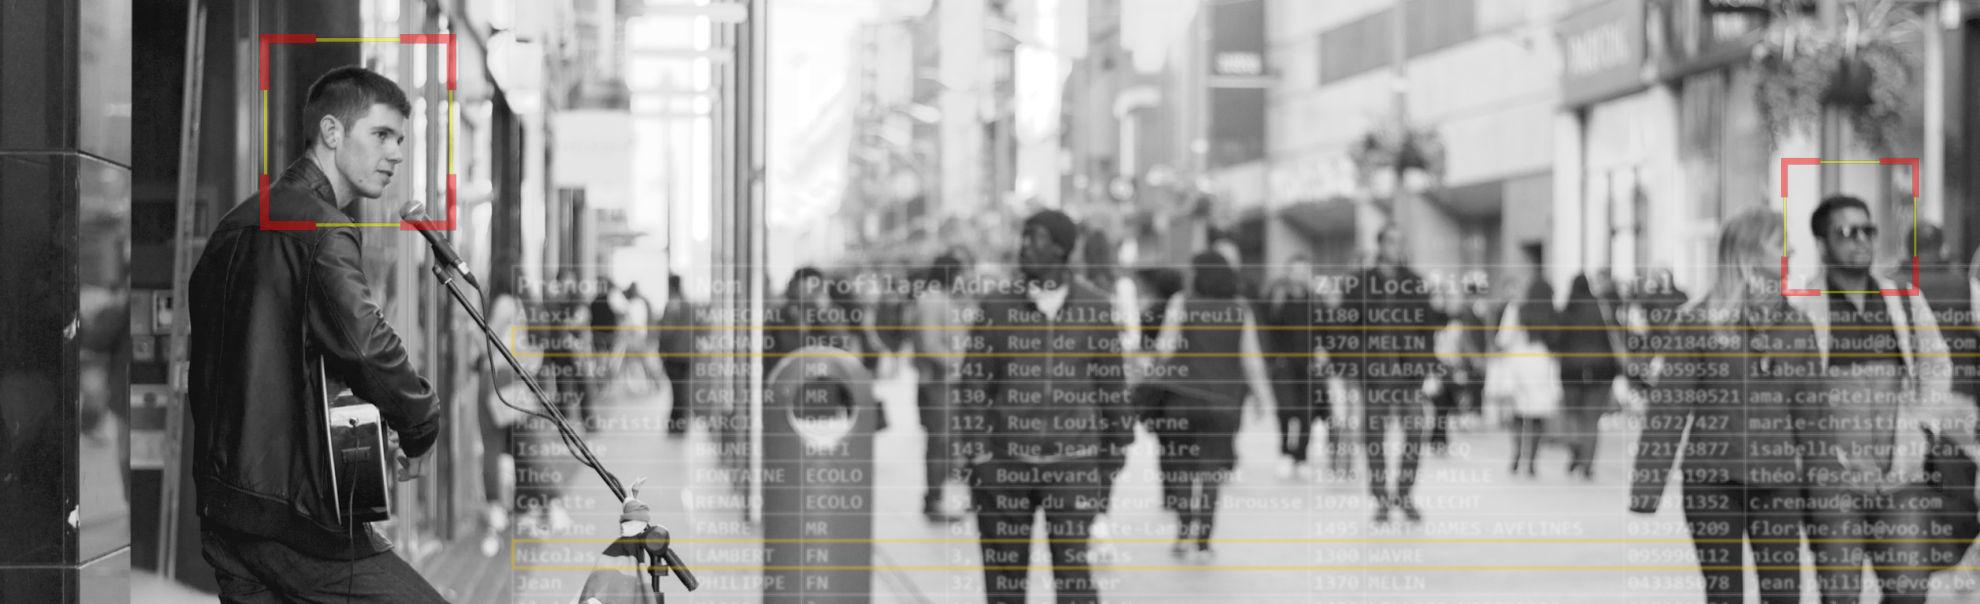 GDPR Agency audite le profilage dans vos traitements RGPD